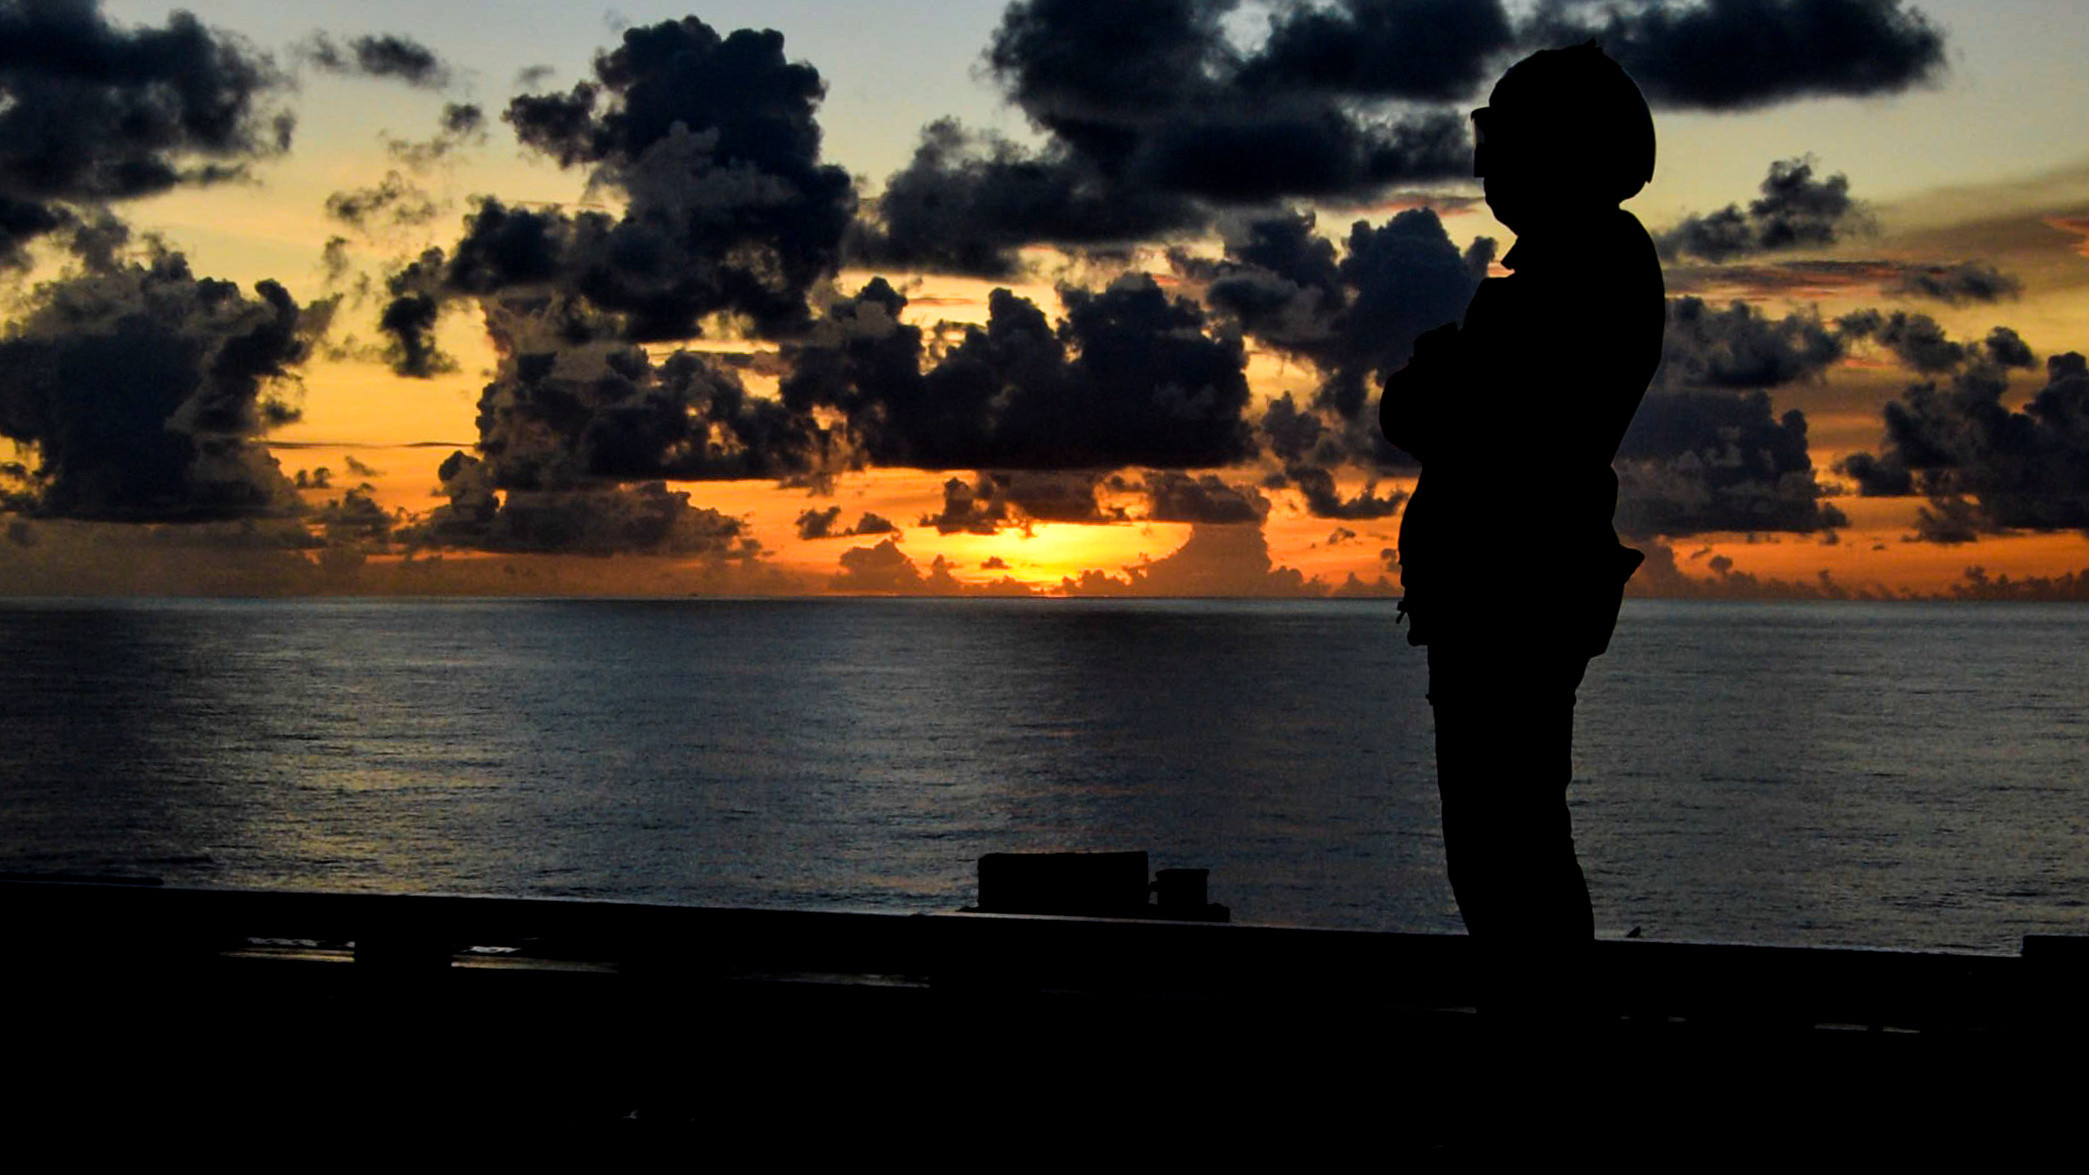 伊麗莎白女王號,航空母艦,強森,英國,海軍,台灣海峽,中國,美國,南海